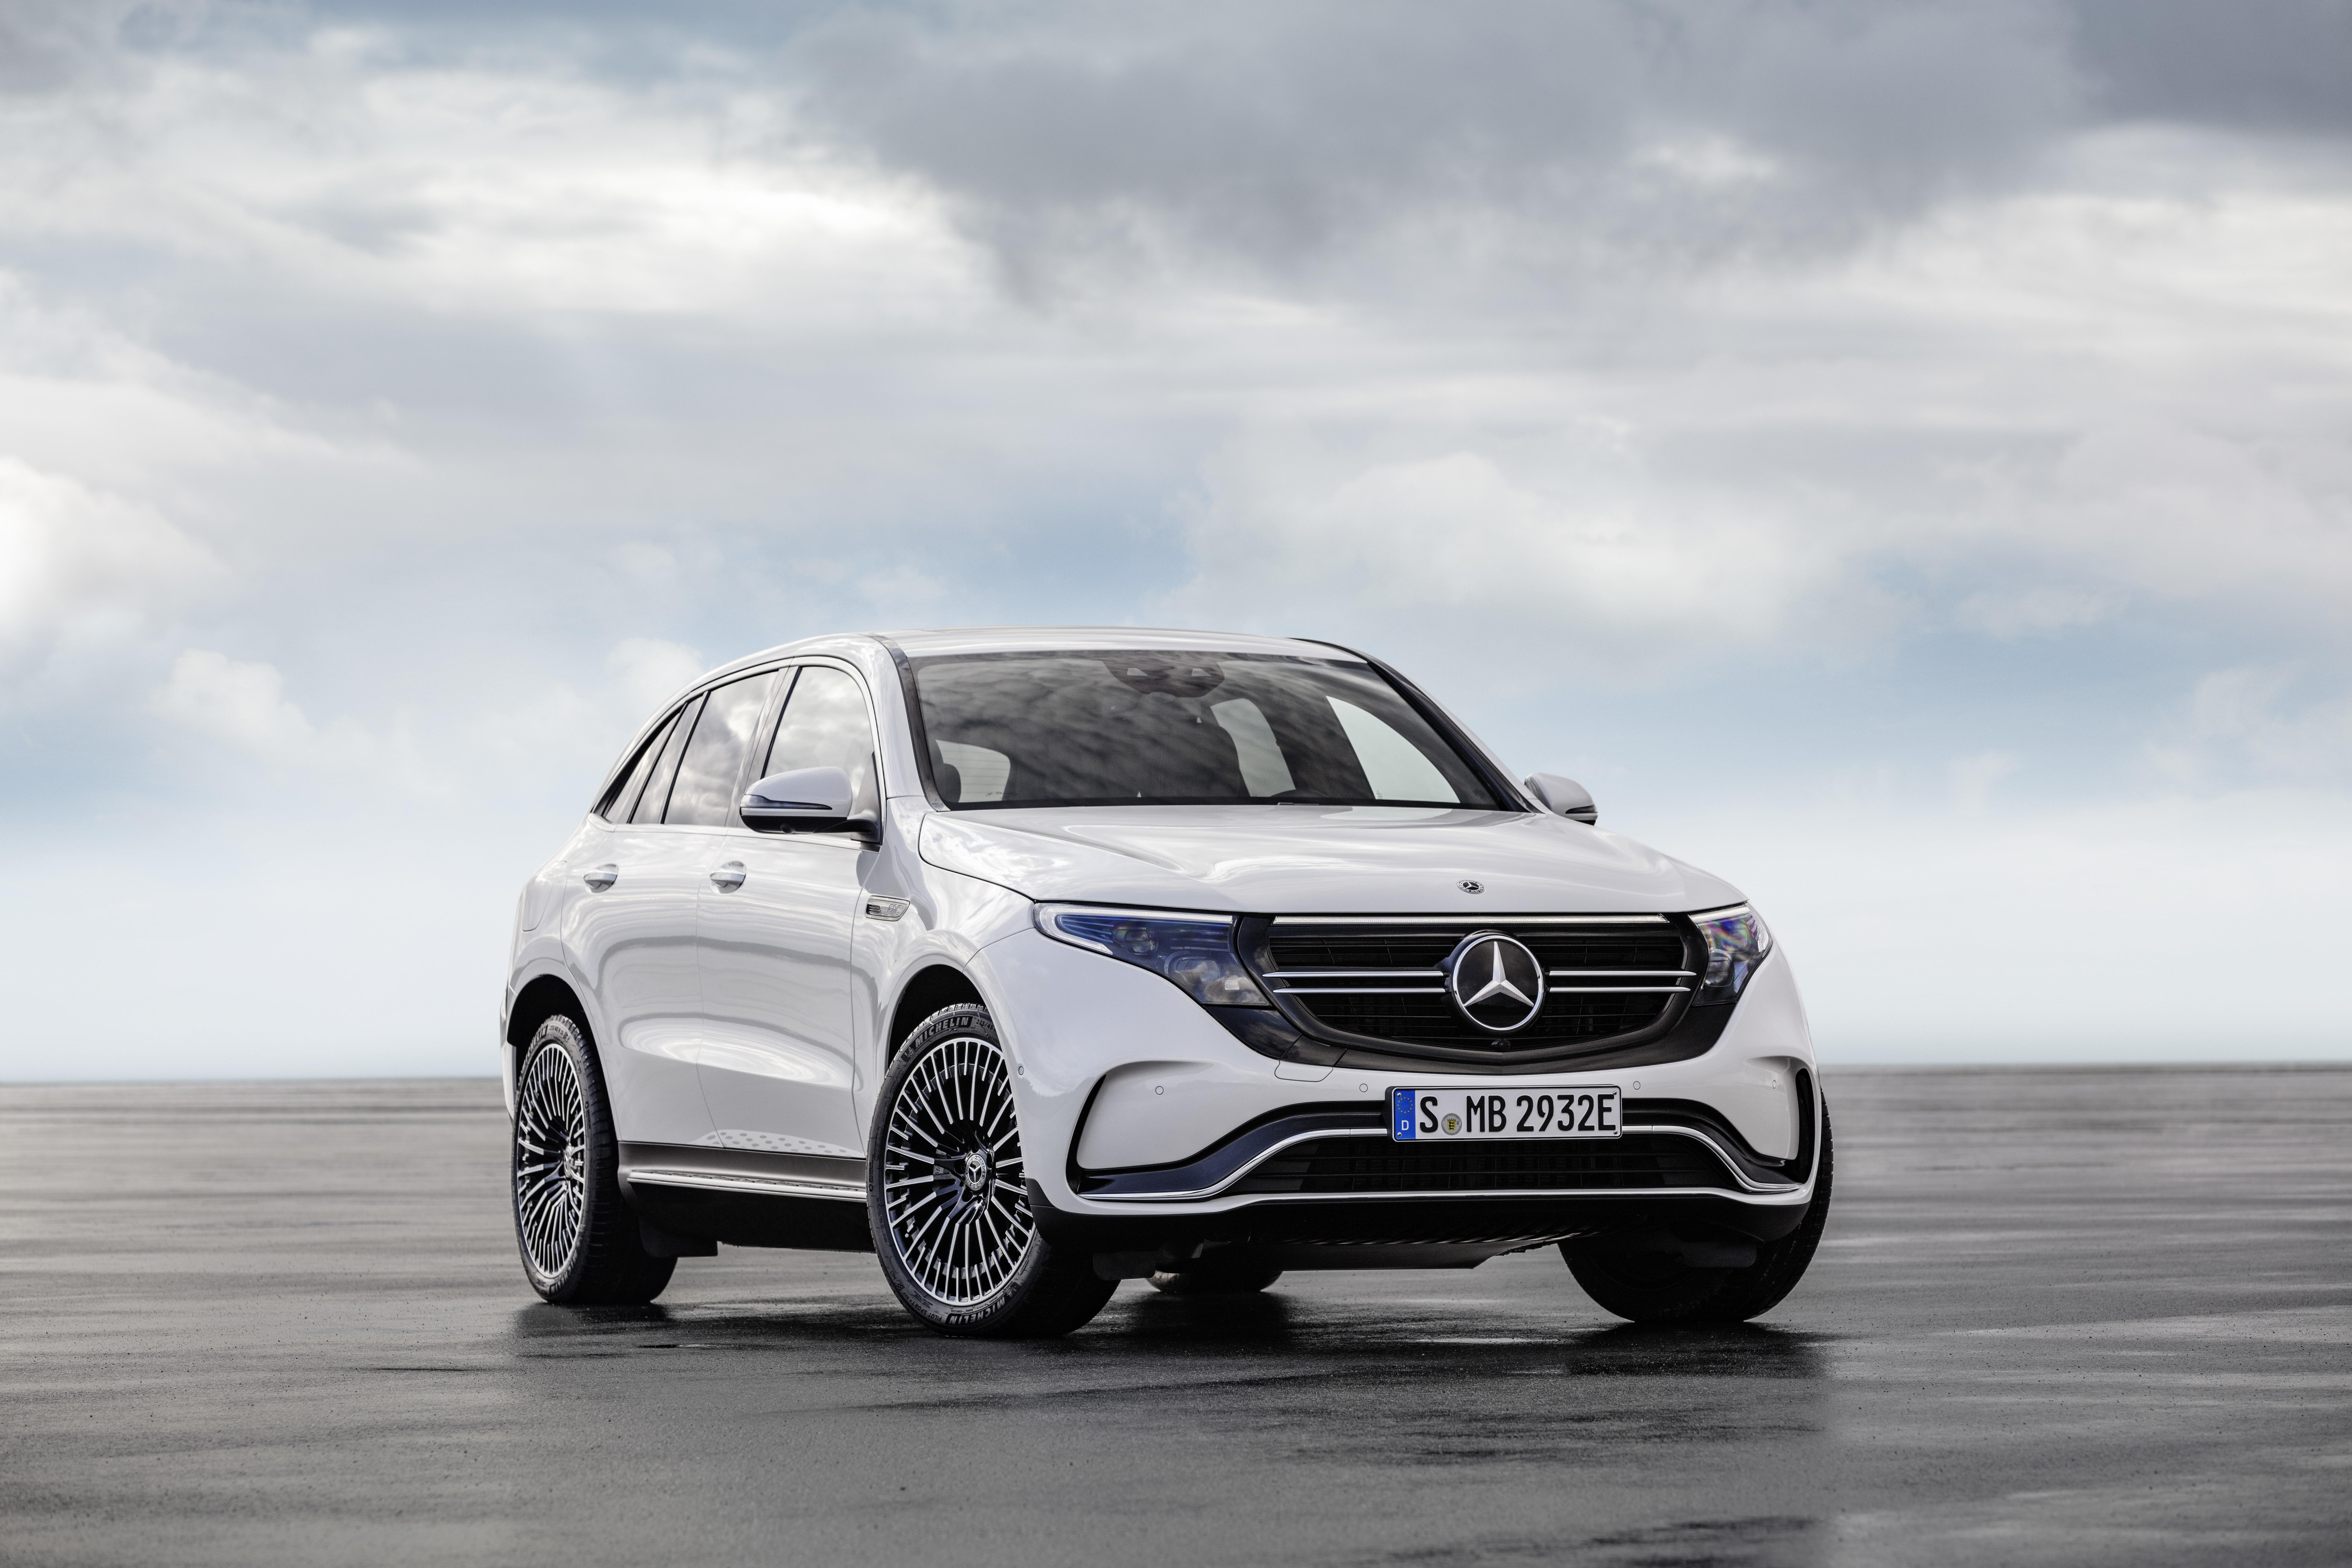 """Mercedes EQC assegura os mesmos padrões de segurança de um Mercedes """"normal"""""""